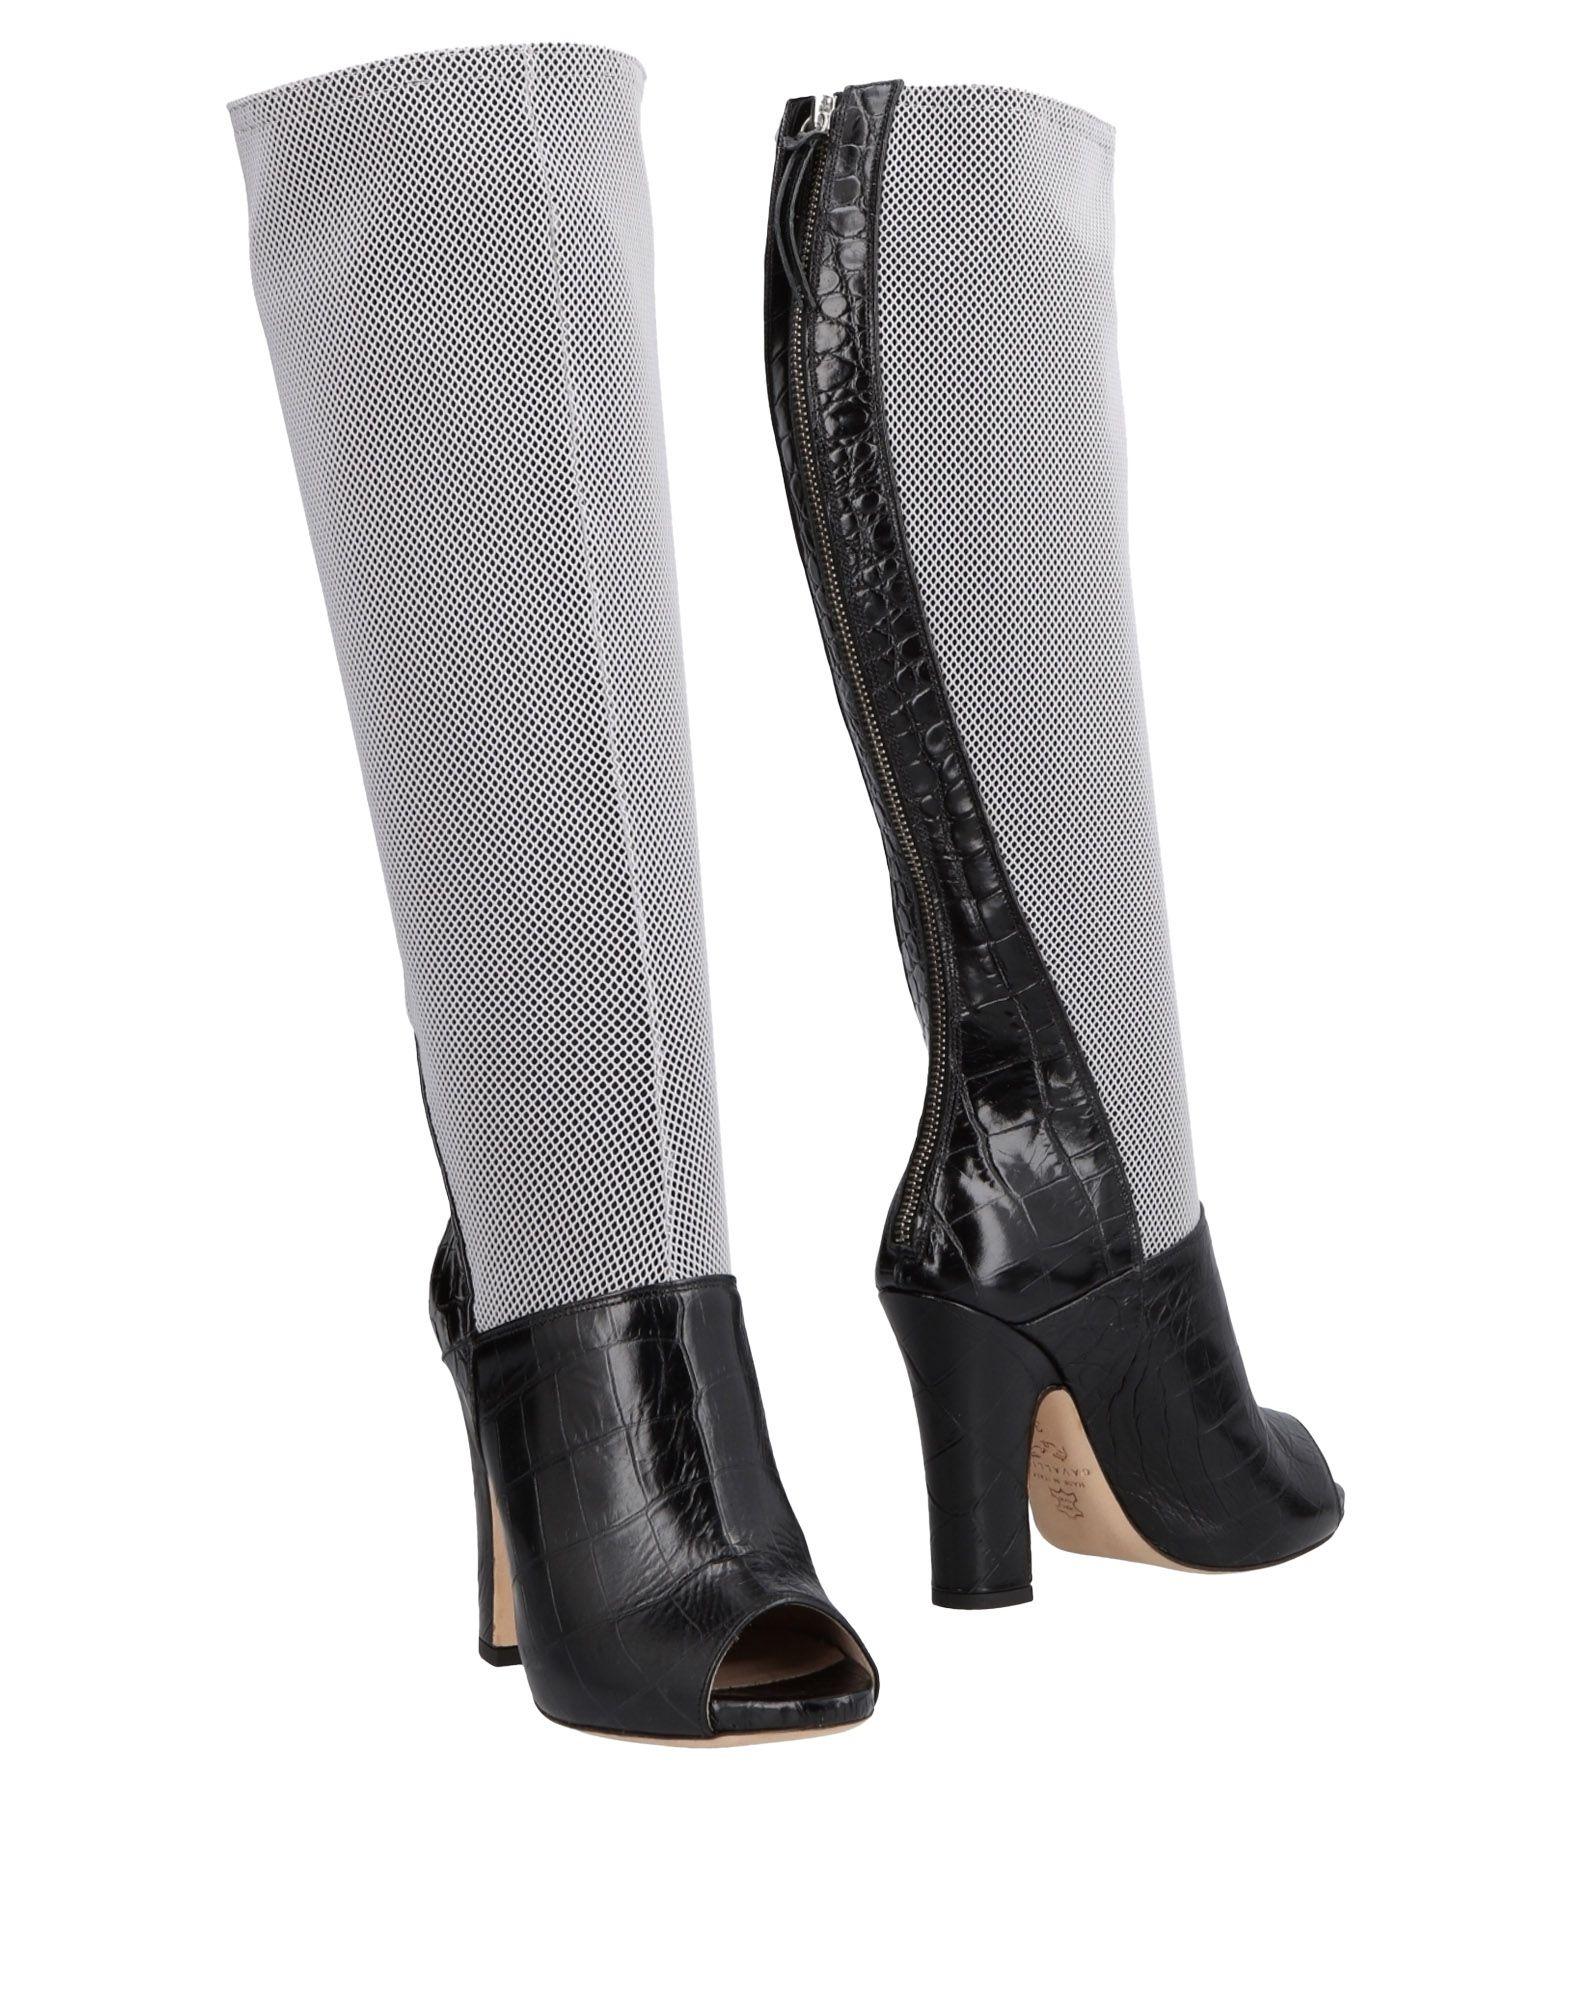 Cavallini aussehende Stiefel Damen  11484159WFGut aussehende Cavallini strapazierfähige Schuhe d7ee47